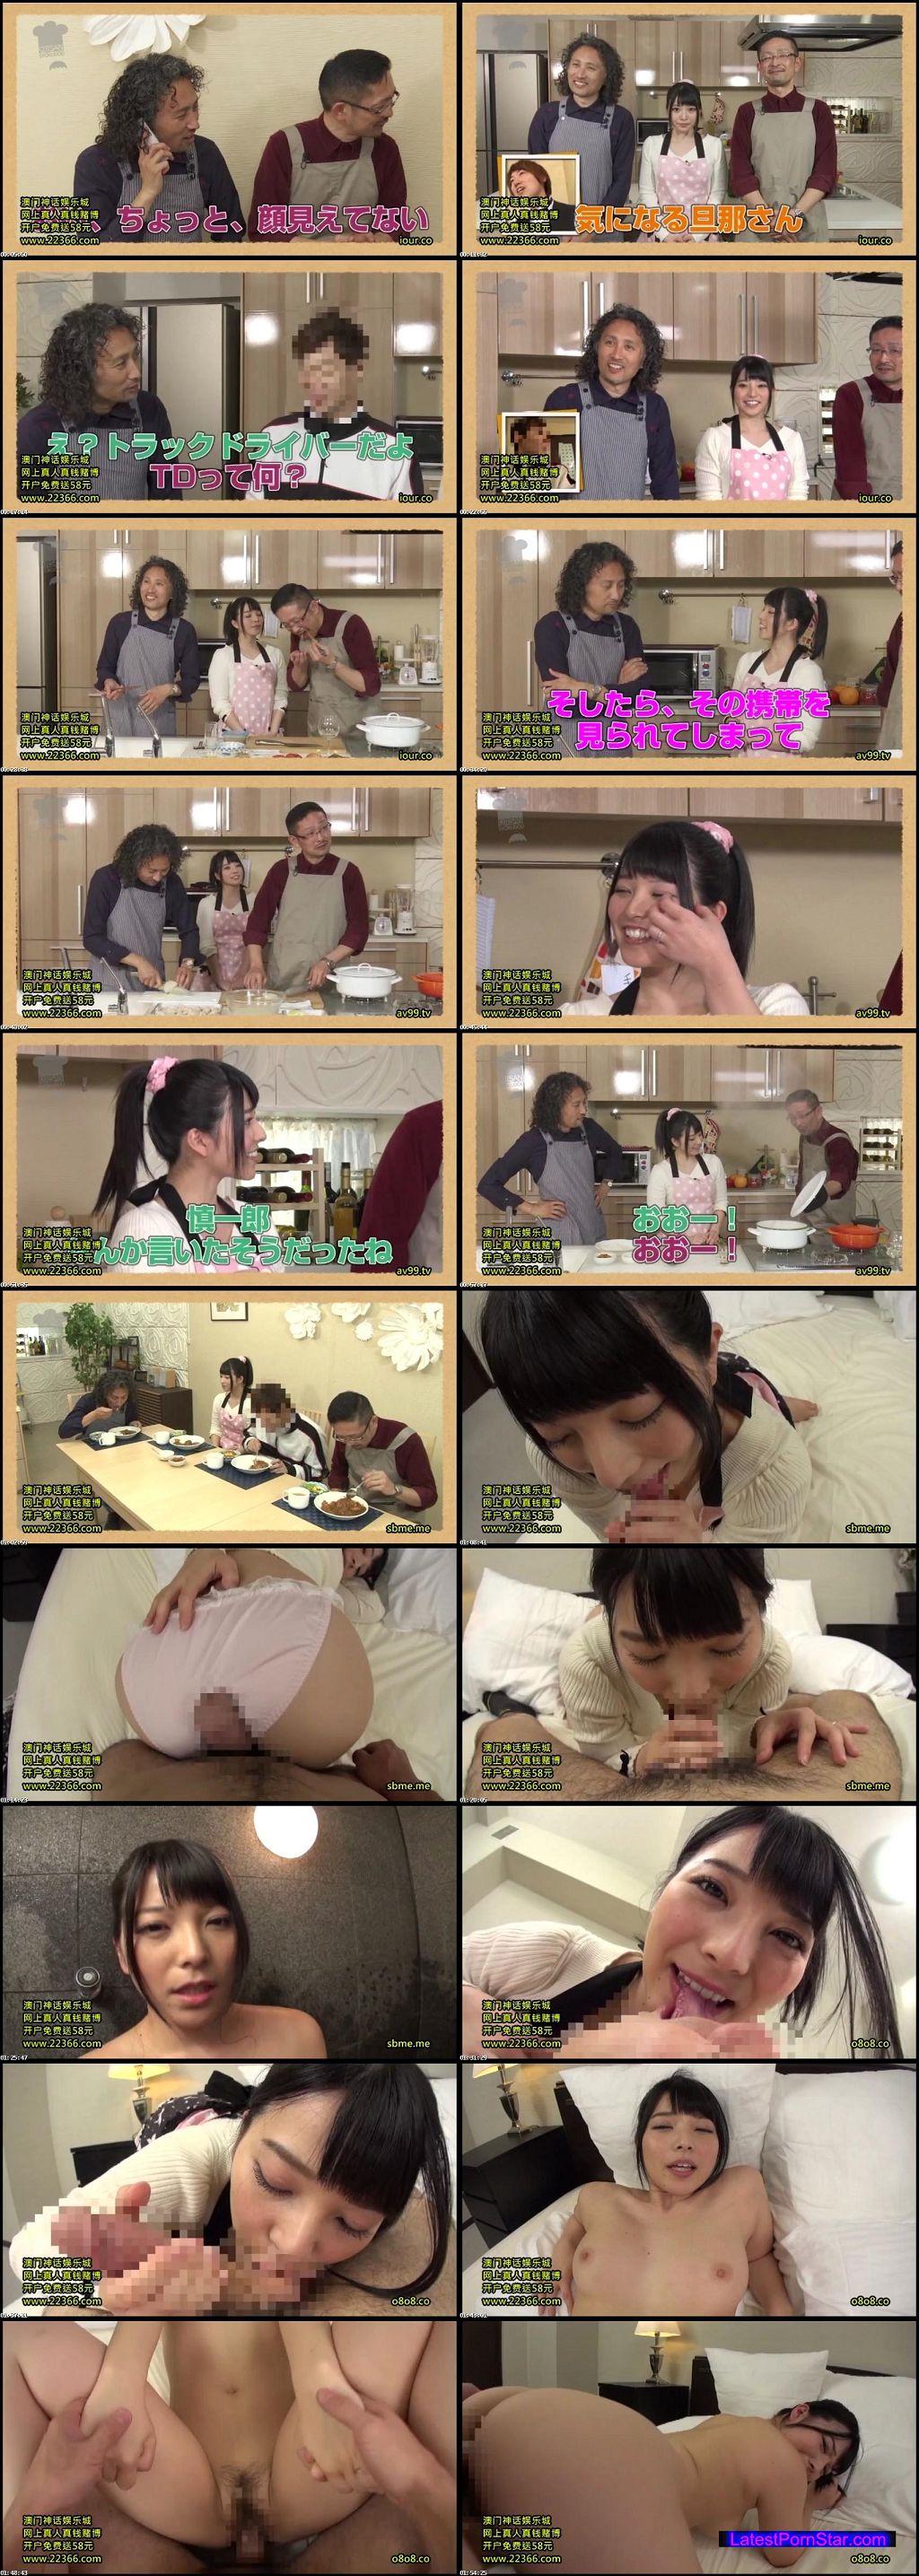 [EIKI-008] 「凄い気持ちいいね…キス…。」おじさん食堂10 キスでイッちゃうんじゃないかってほど感じやすい奥さんの手料理とセックスが二つの意味でオイシイ。 上原亜衣